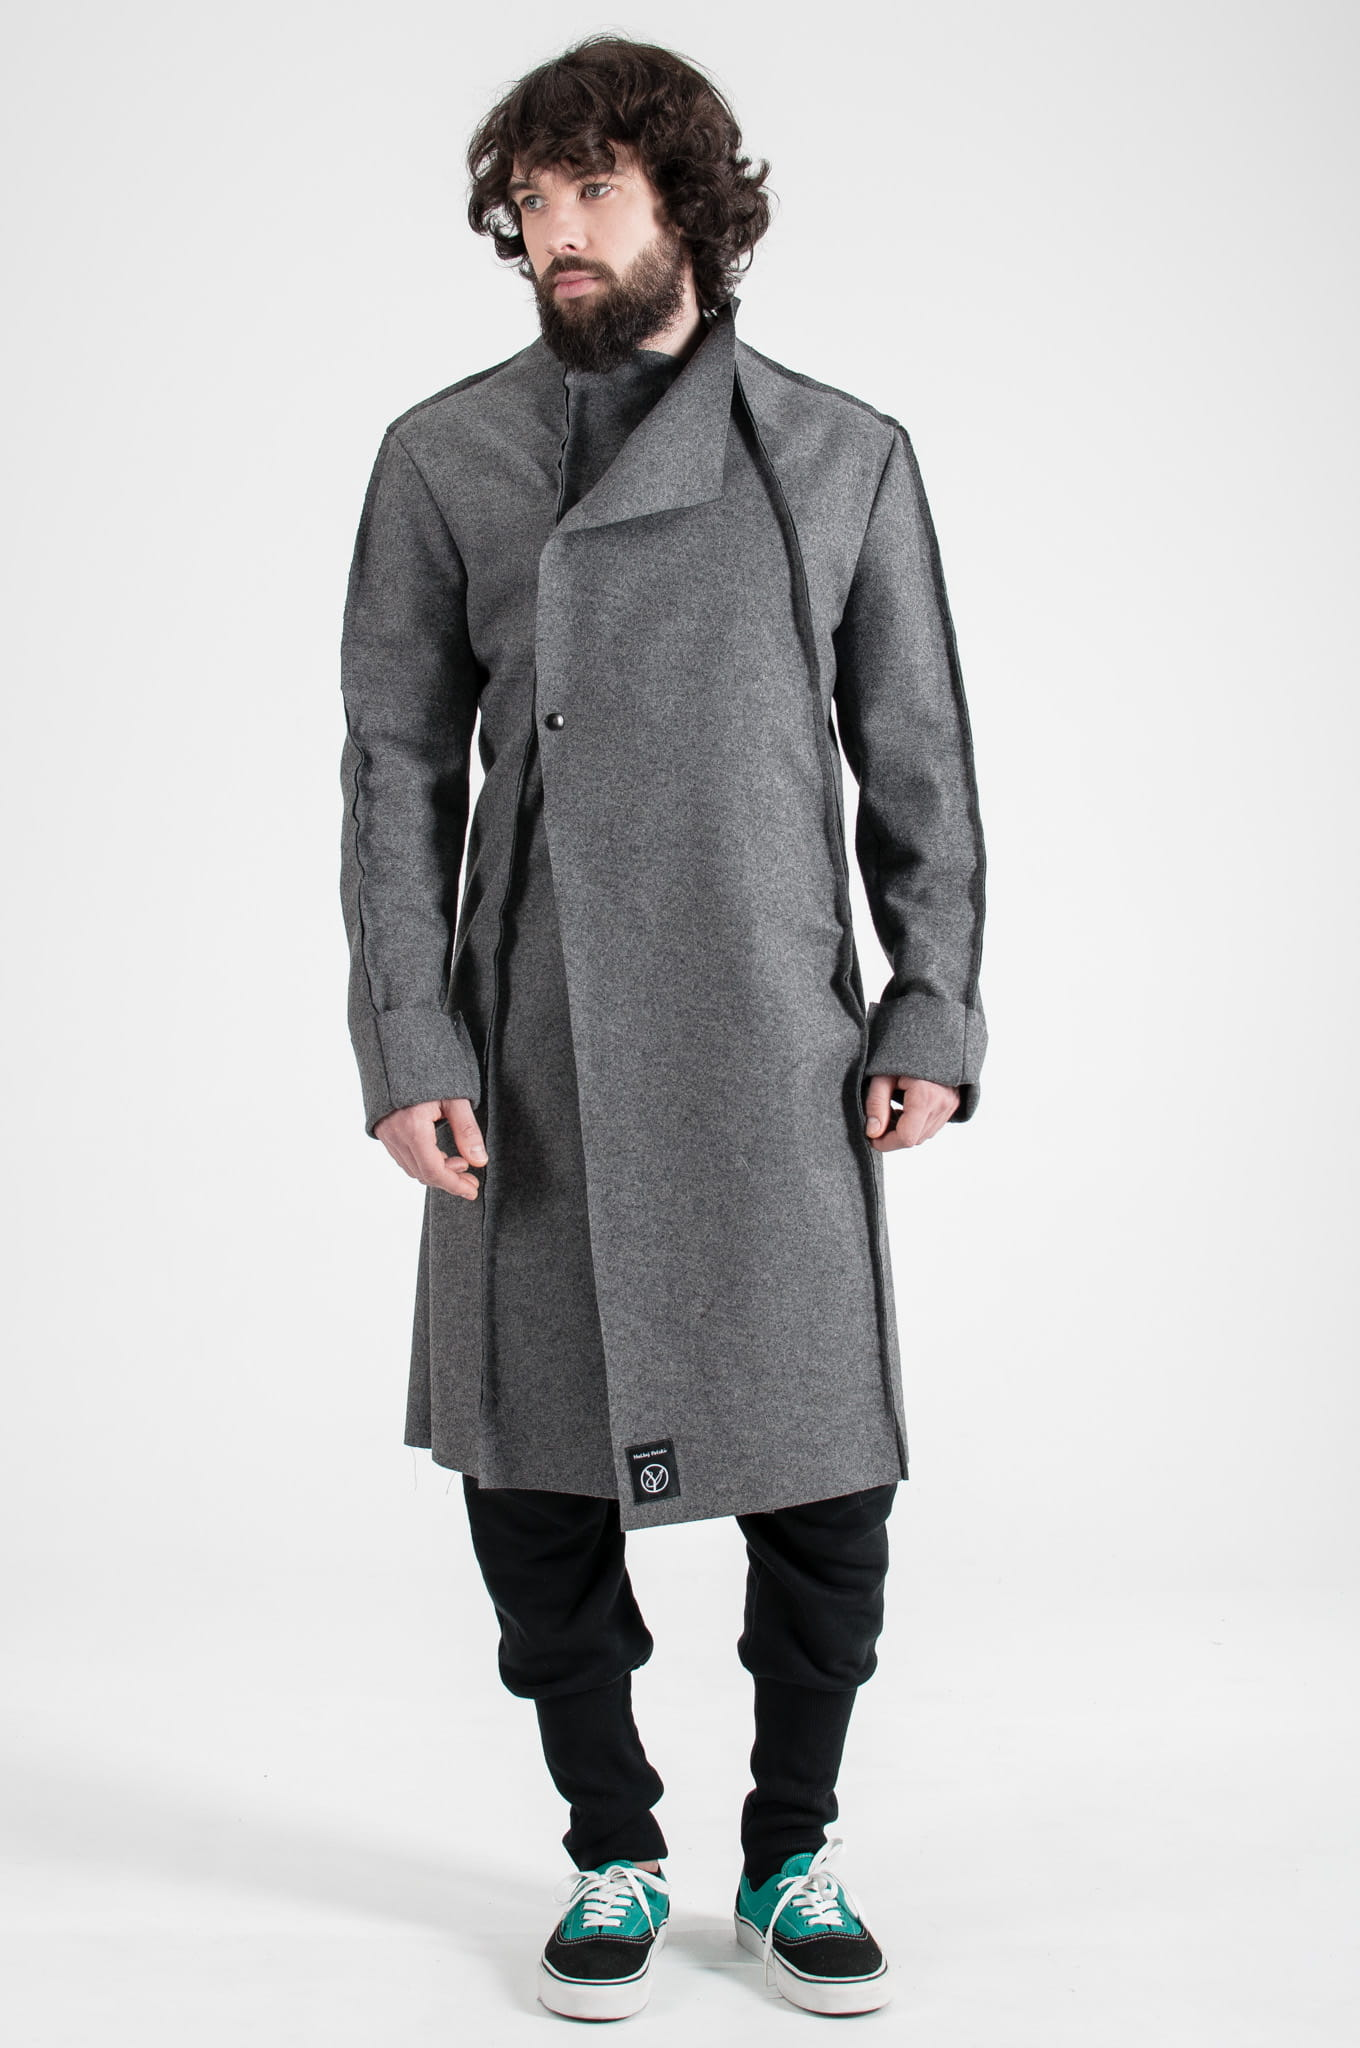 Planam Męski płaszcz do rzeżni czysta biel rozm. XL (, ) w 'odzież' > 'Food': Planam Męski płaszcz do rzeżni czysta biel rozm. XL - korzystne ceny w Mercateo. Ponad 1,3 mln produktów dla klientów biznesowych!